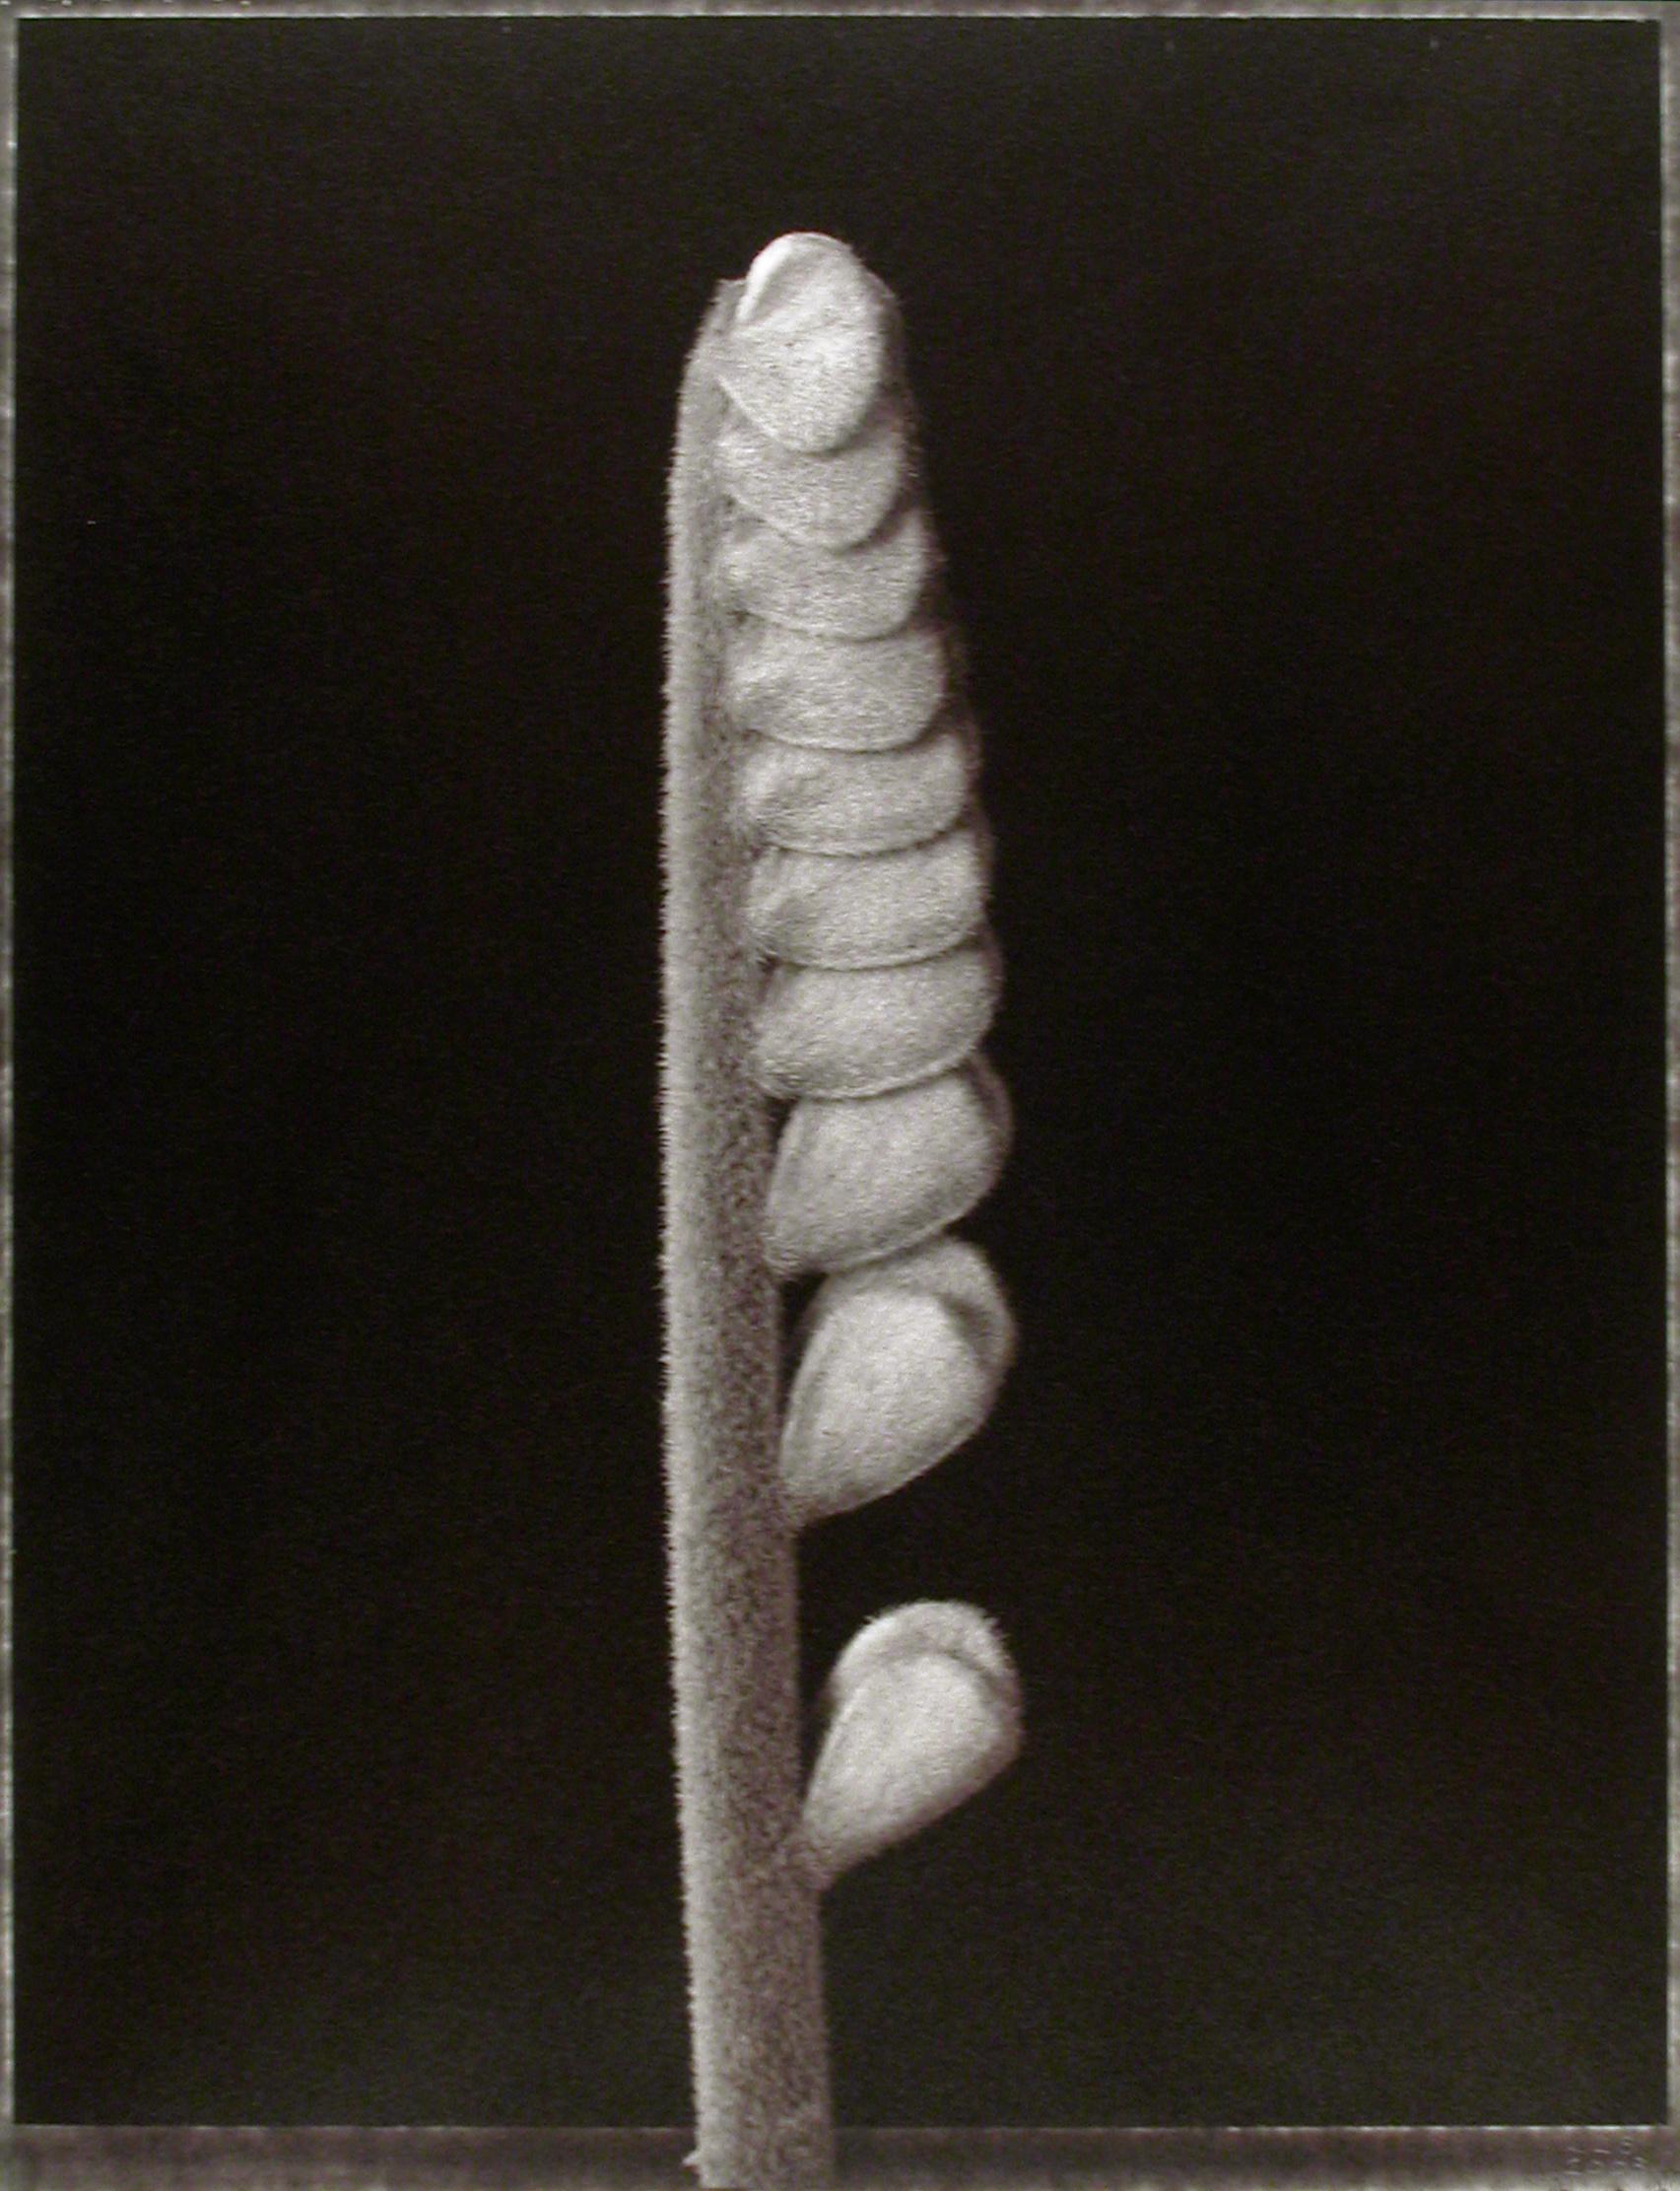 Zamia furfuracea , (Cardboard Palm shoot), 2003